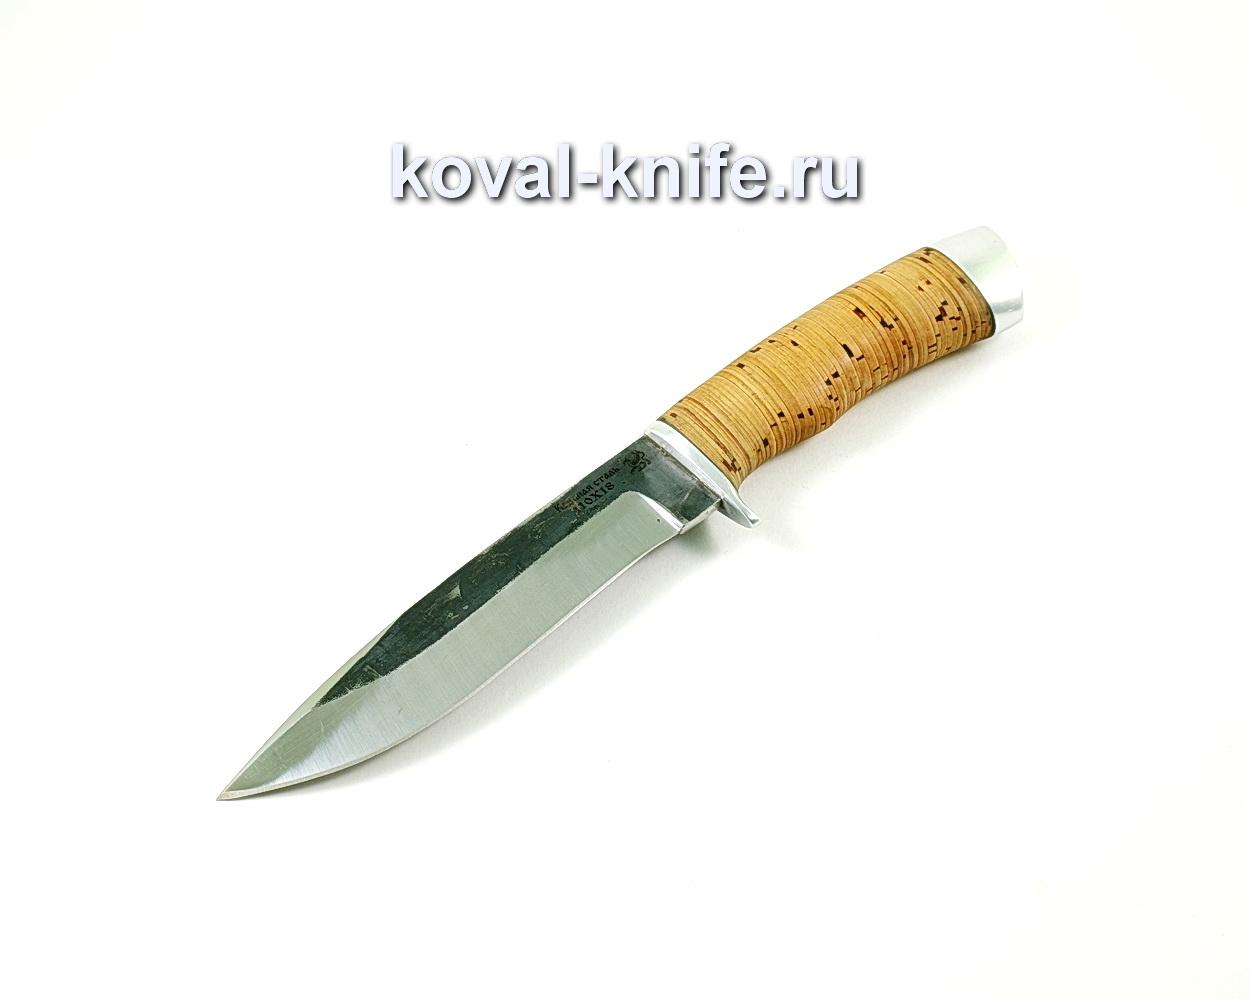 Нож олимп (сталь 110х18), рукоять Береста A219